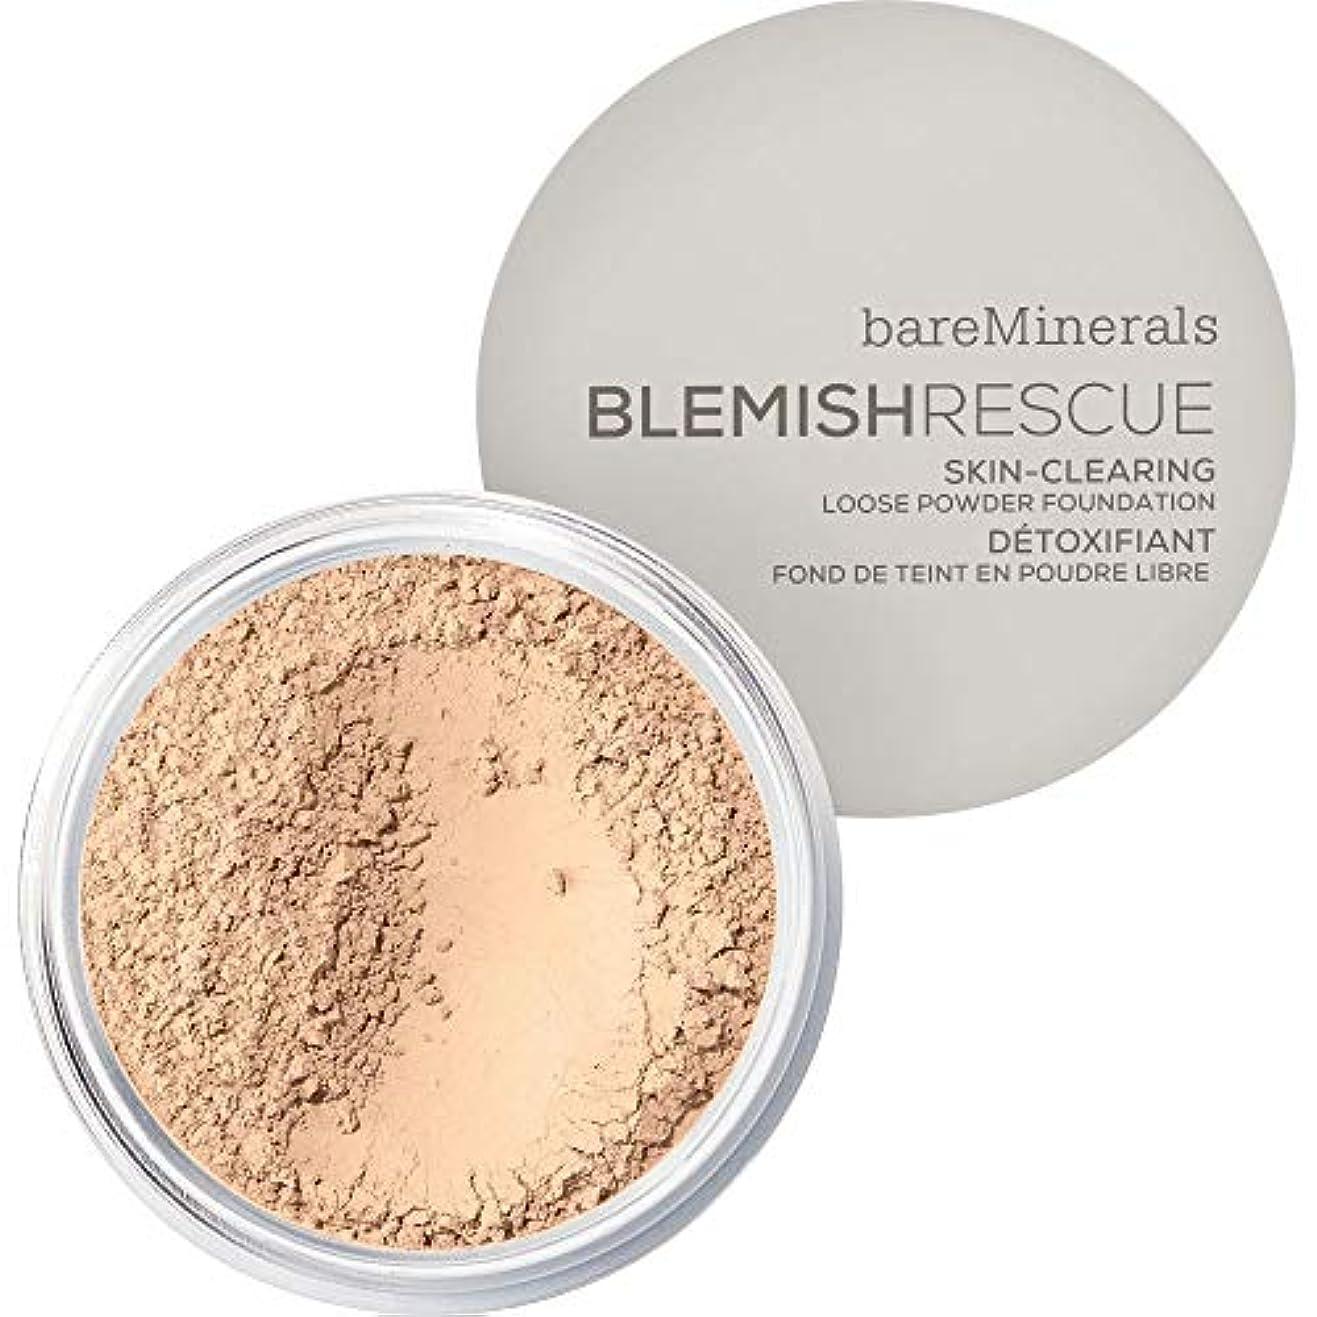 大使スリム朝食を食べる[bareMinerals ] かなり光 - ベアミネラルは、レスキュースキンクリア緩いパウダーファンデーション6グラム1Nwが傷 - bareMinerals Blemish Rescue Skin-Clearing Loose Powder Foundation 6g 1NW - Fairly Light [並行輸入品]